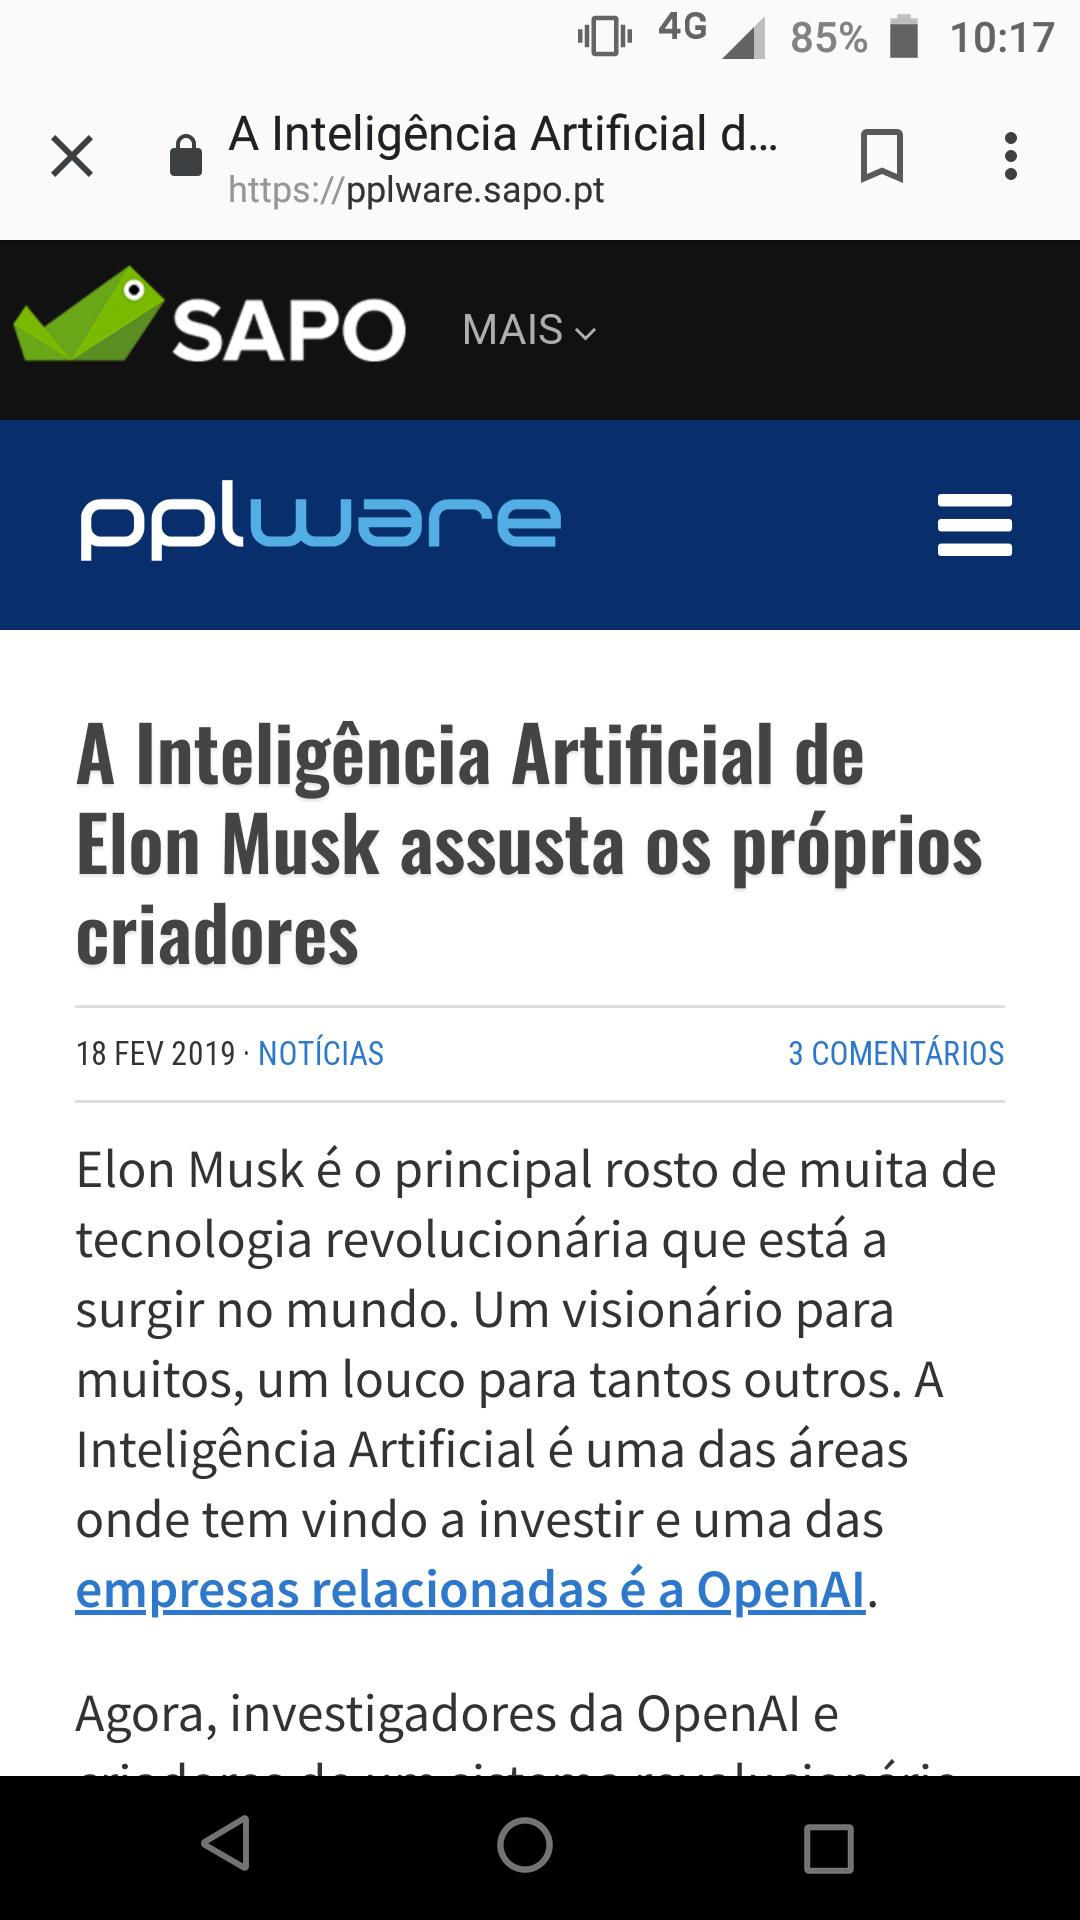 Elon Musk é um robo? - meme